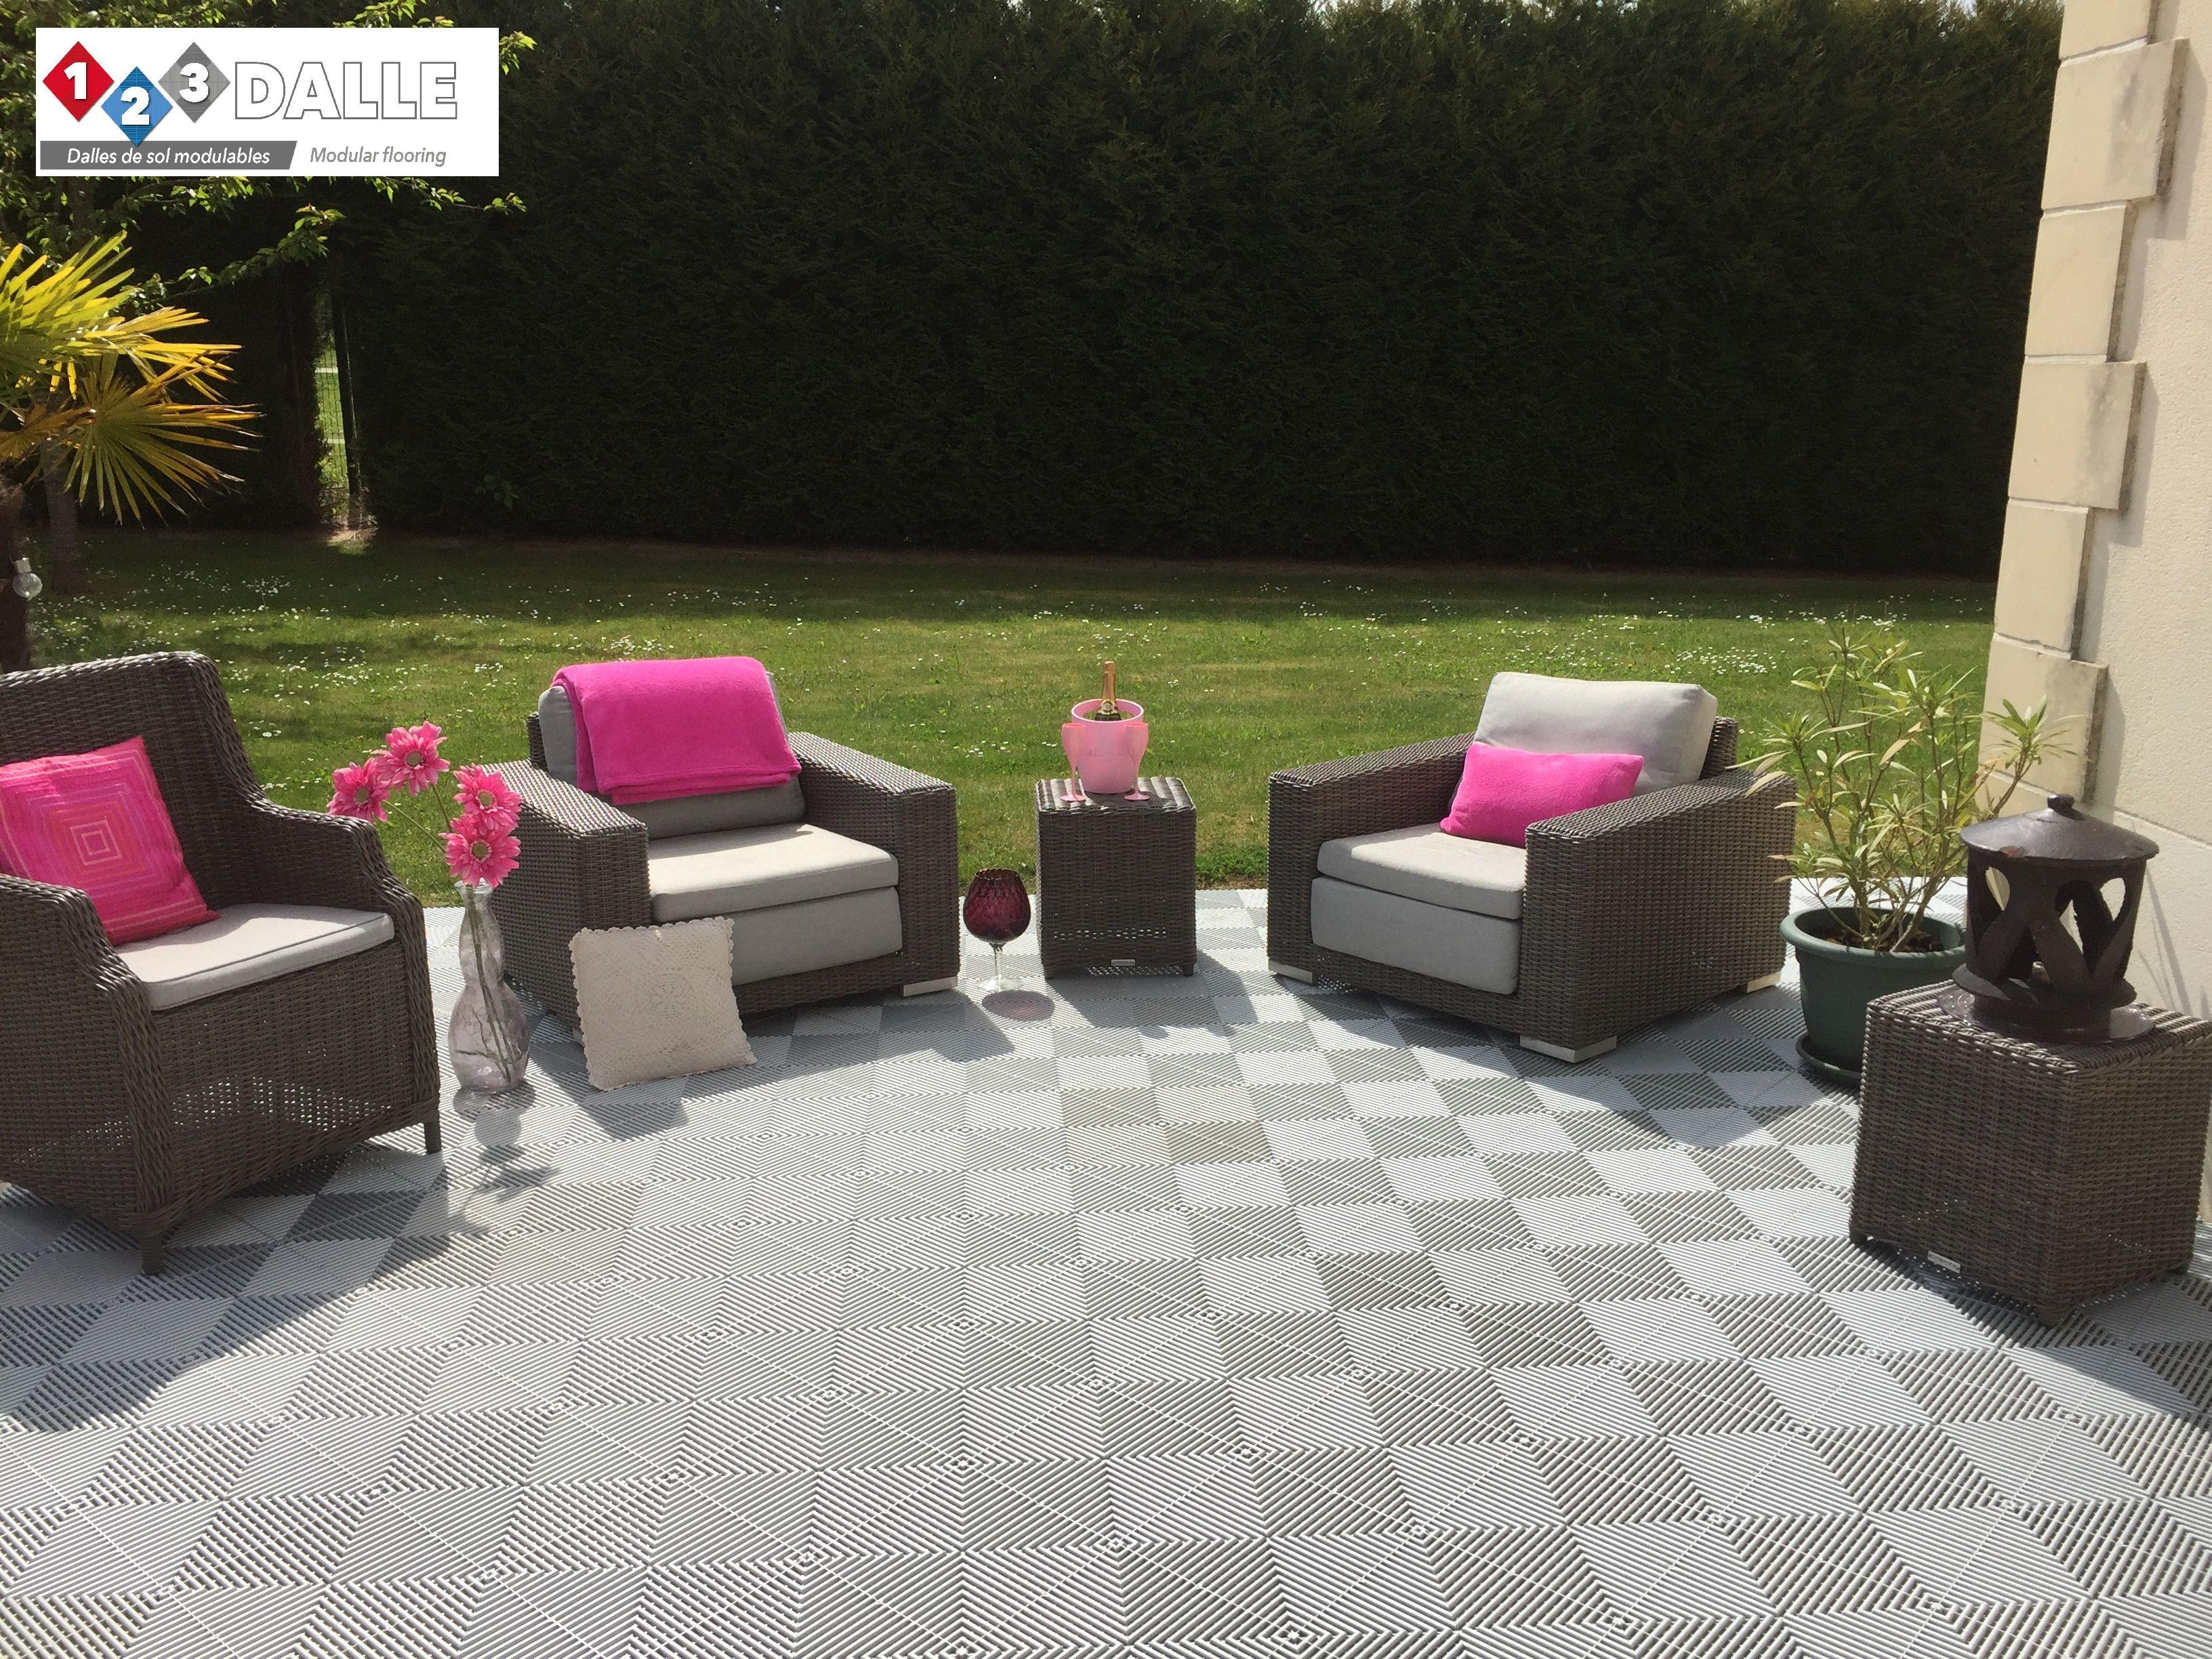 Produit Nettoyage Dalle Terrasse sol pour terrasse : des dalles clipsables pour votre